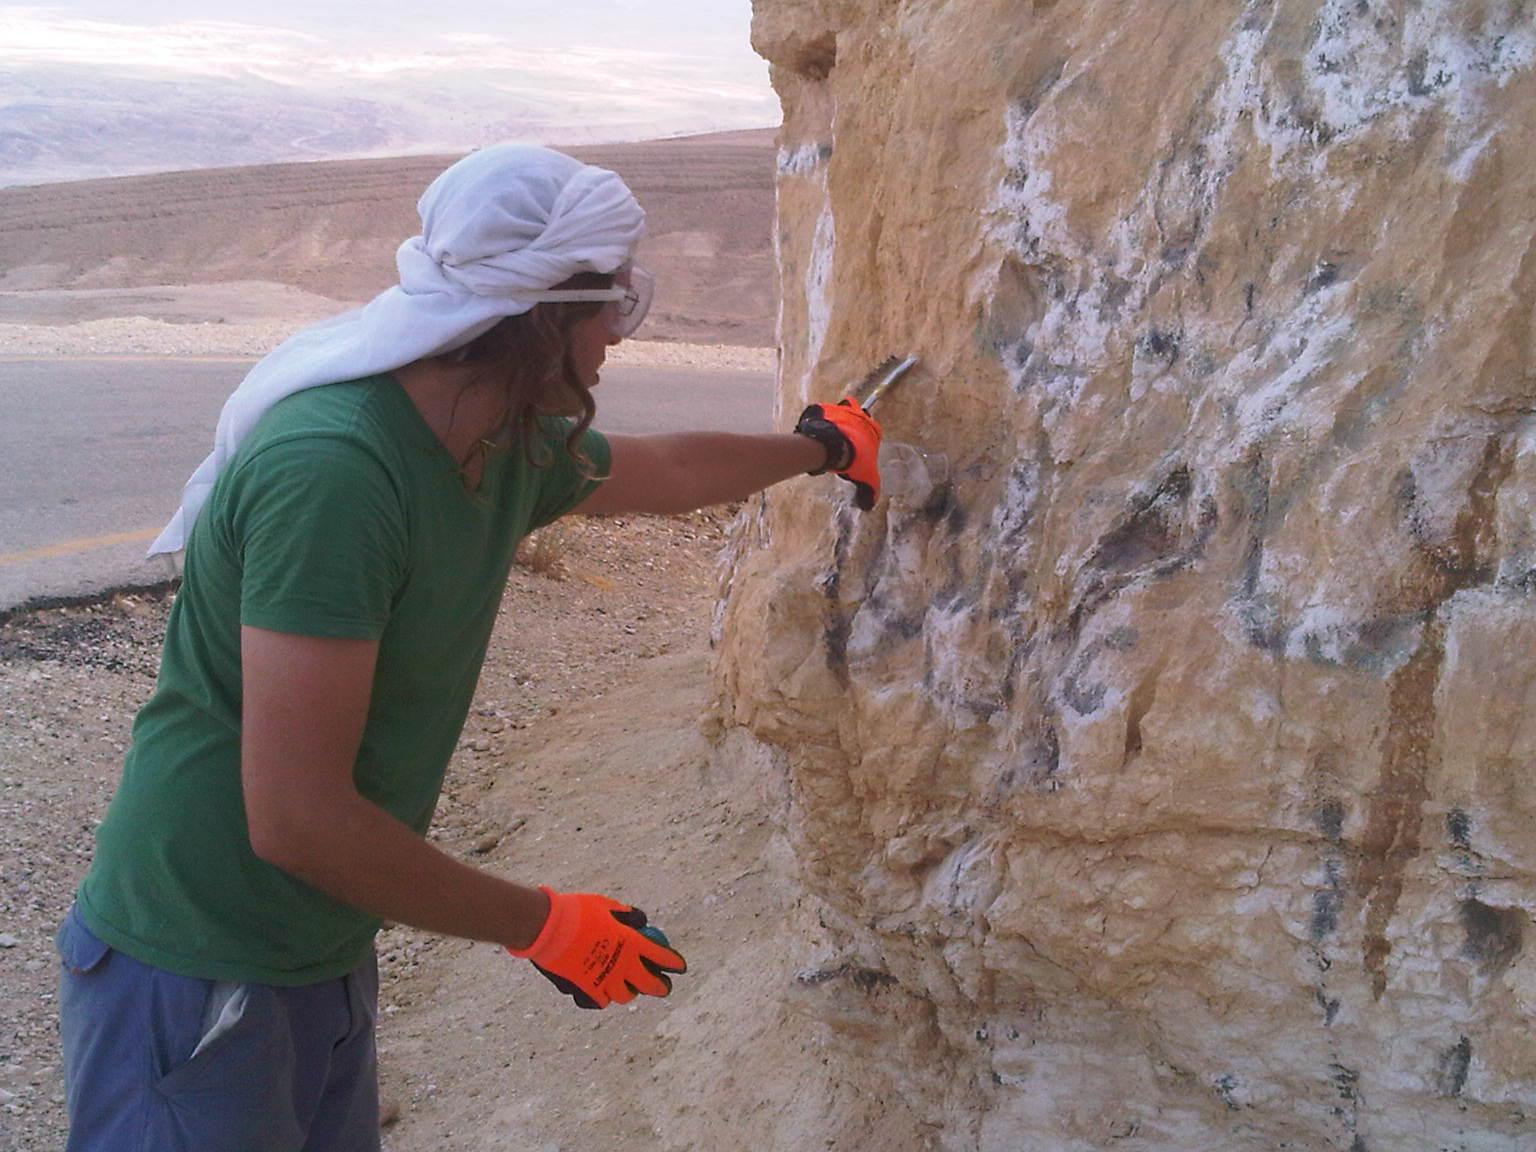 שימוש בחומרים מסוכנים- אין לי ביגוד מתאים אך לכן אני שופך תוך פחד רב ושמירת מרחק (בכל זאת לא תיקני) מחיקת גרפיטי במדבר